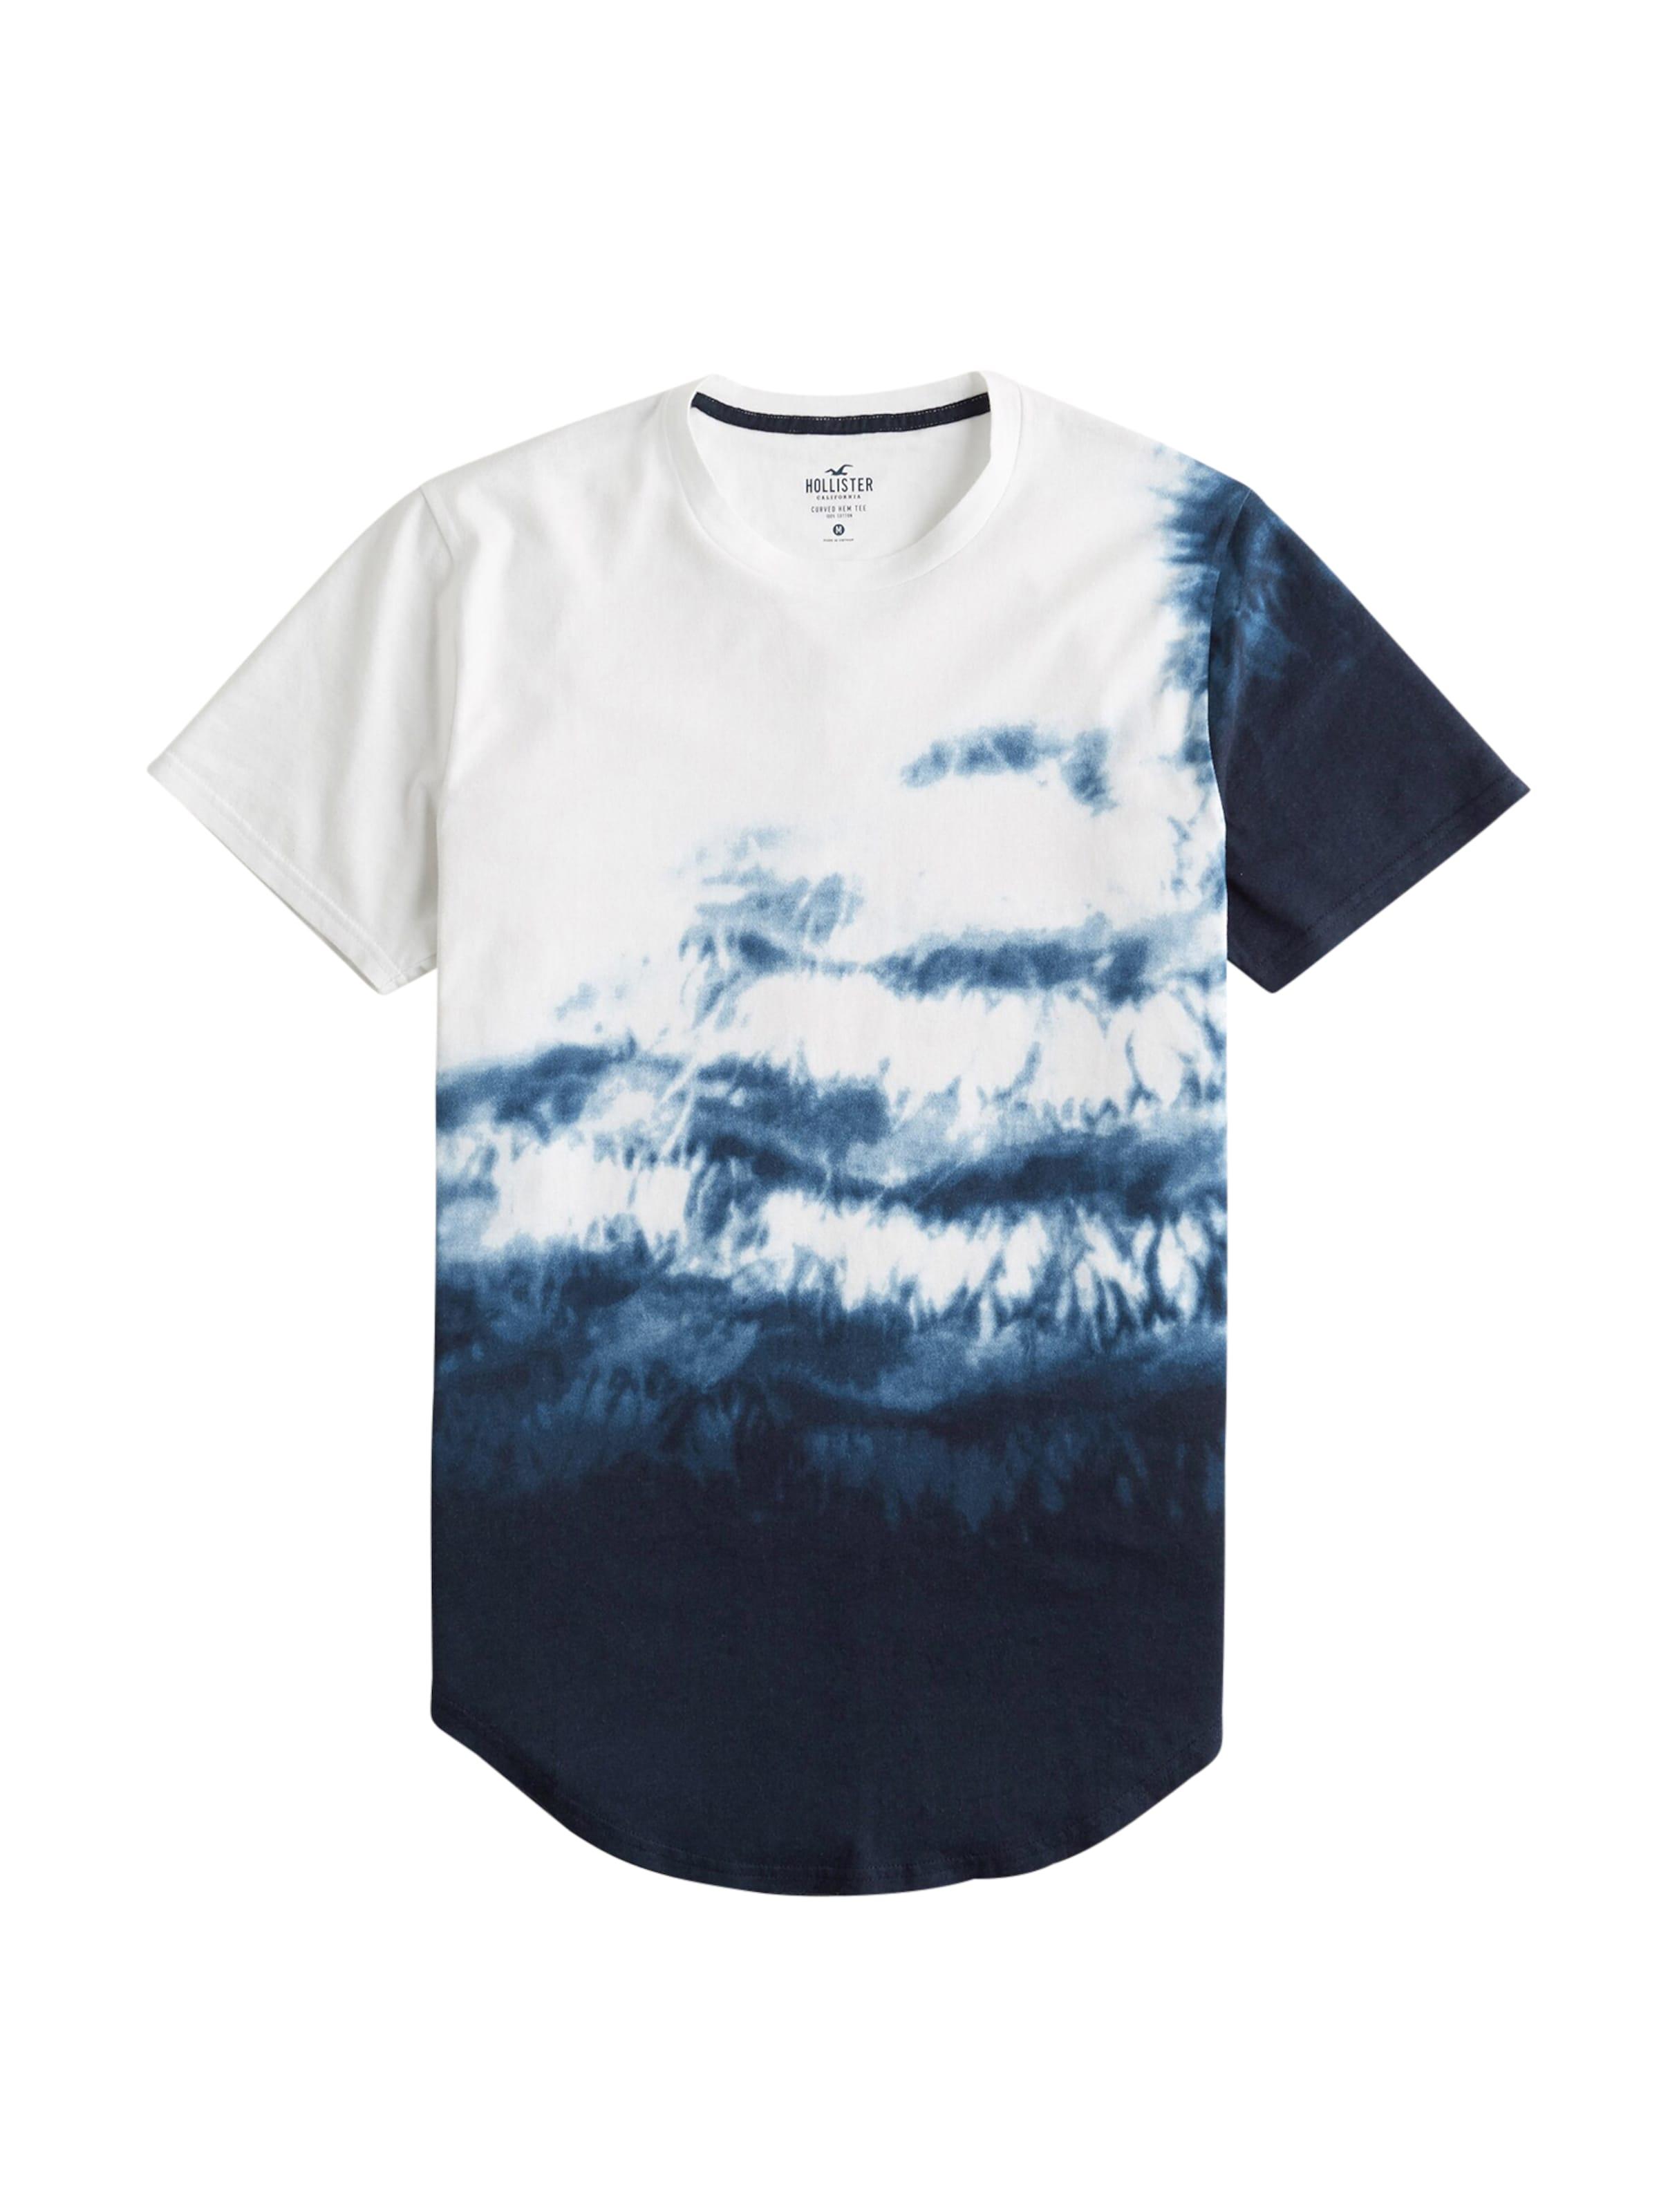 T En shirt Gris Hollister Argenté j3A4LRq5